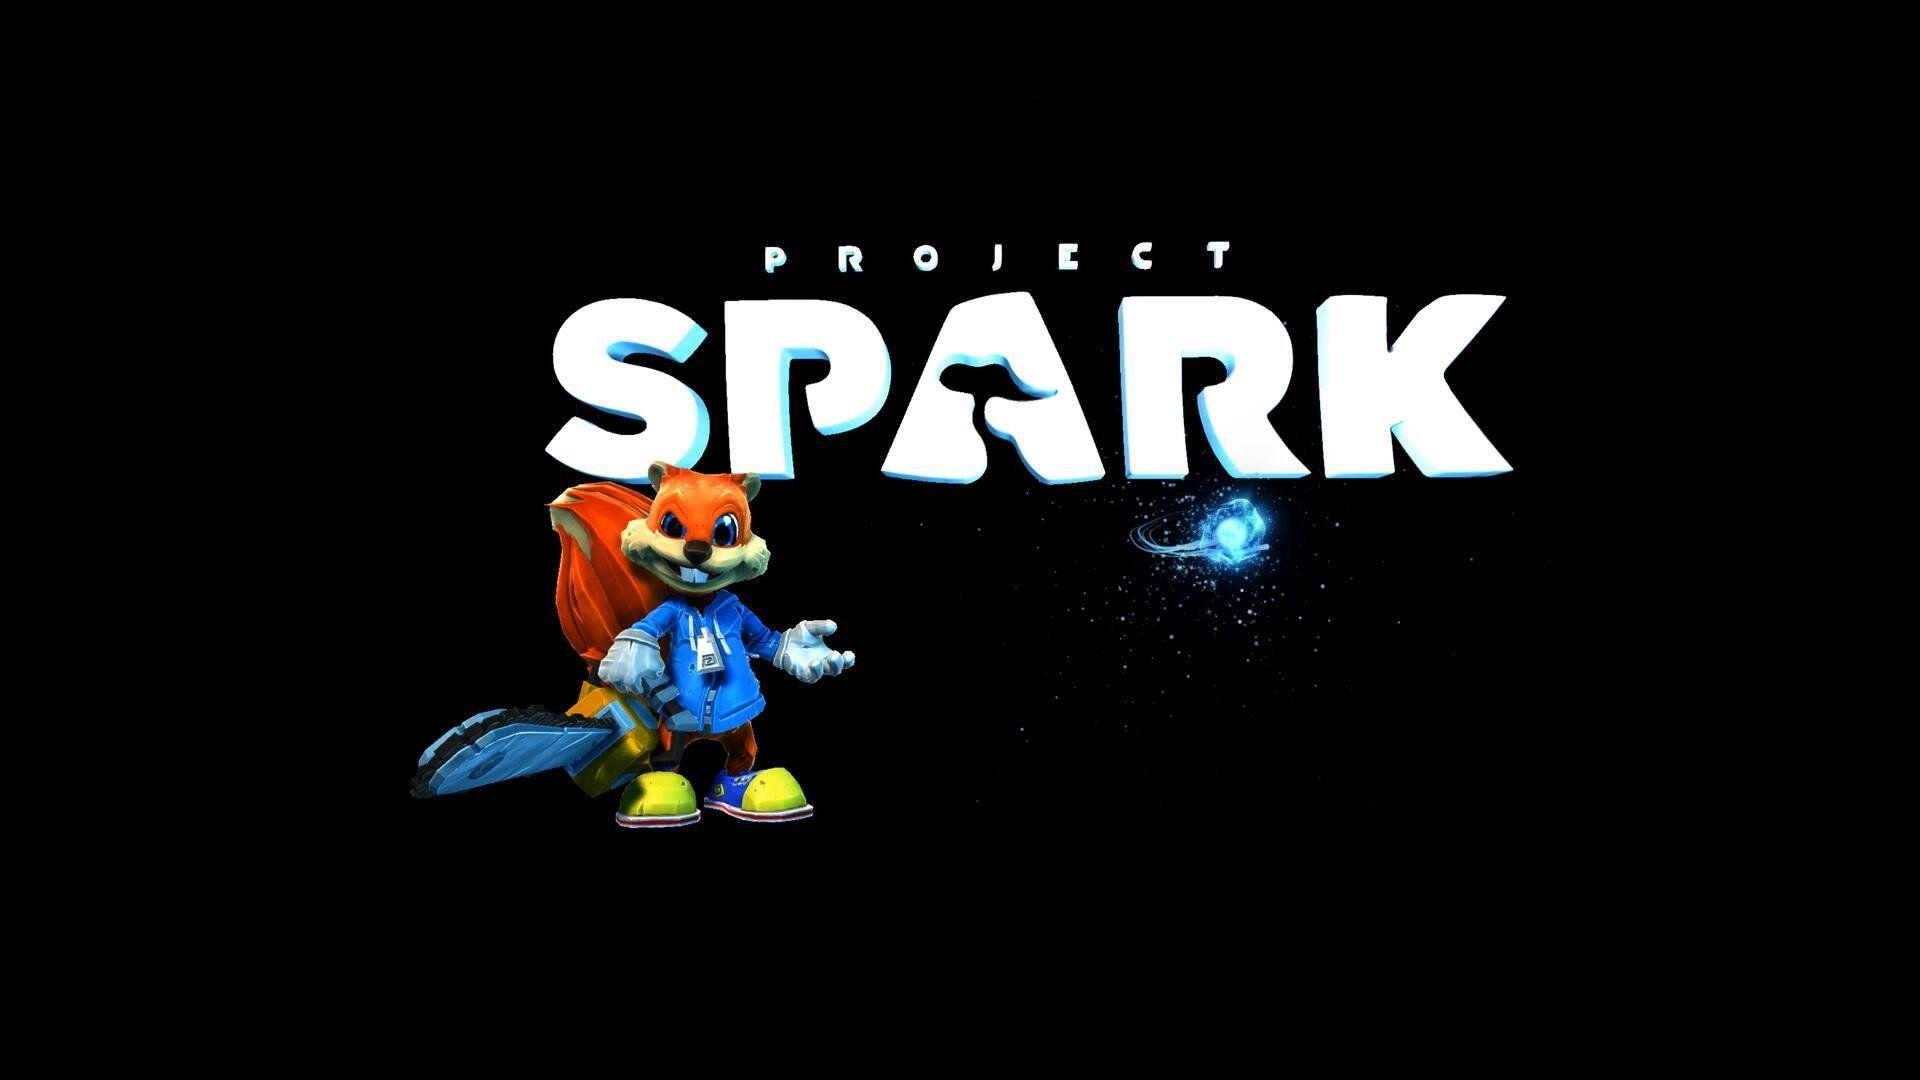 #ProjectSpark Para más información sobre #Videojuegos suscríbe a nuestra página web: www.todosobrevideojuegos.com y Síguenos en Twitter: https://twitter.com/TS_Videojuegos